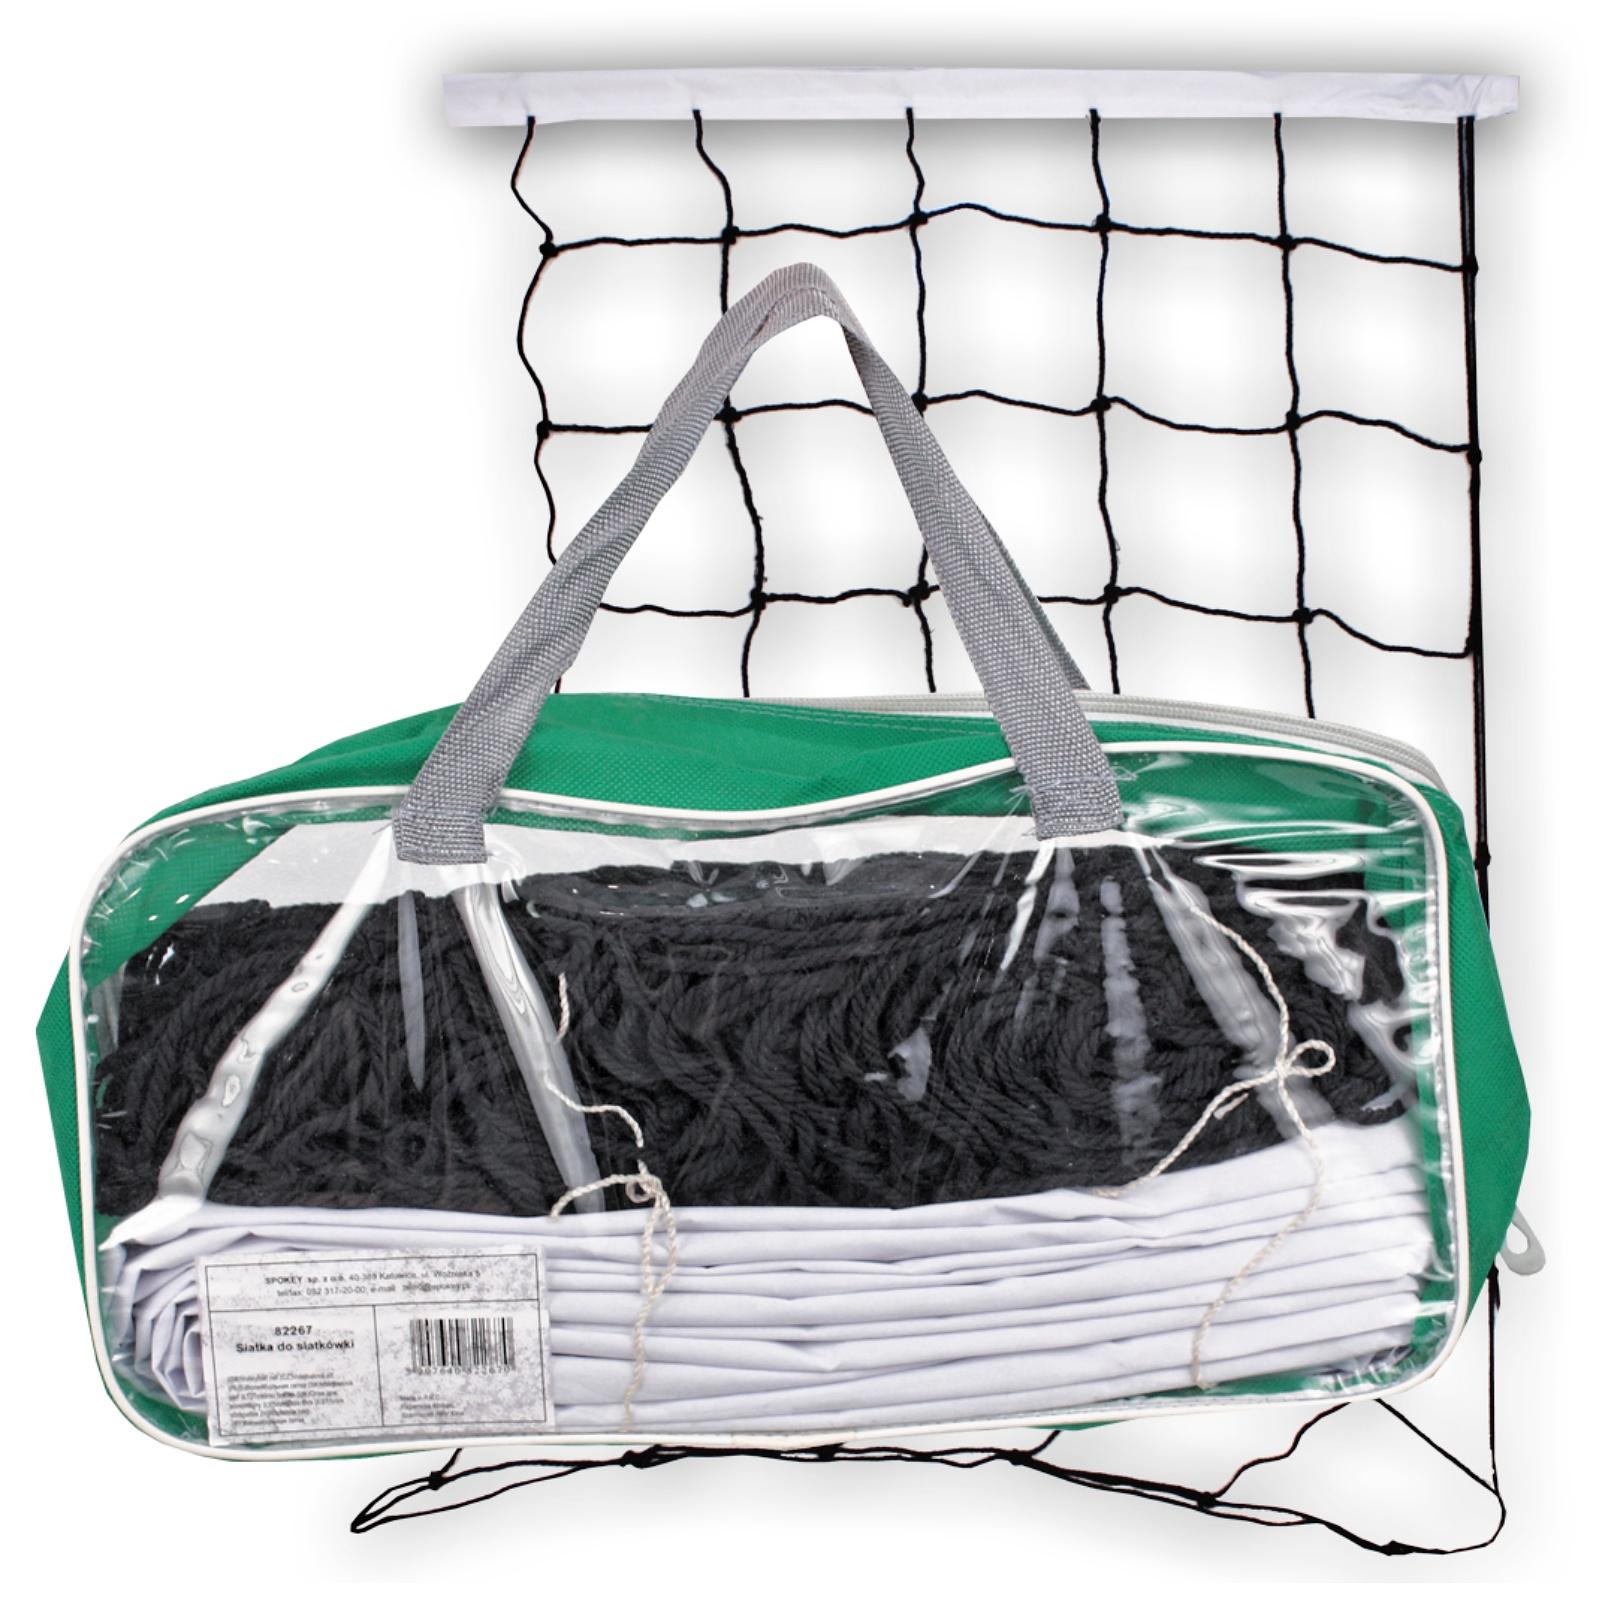 Volejbalová síť SPOKEY Volleynet3